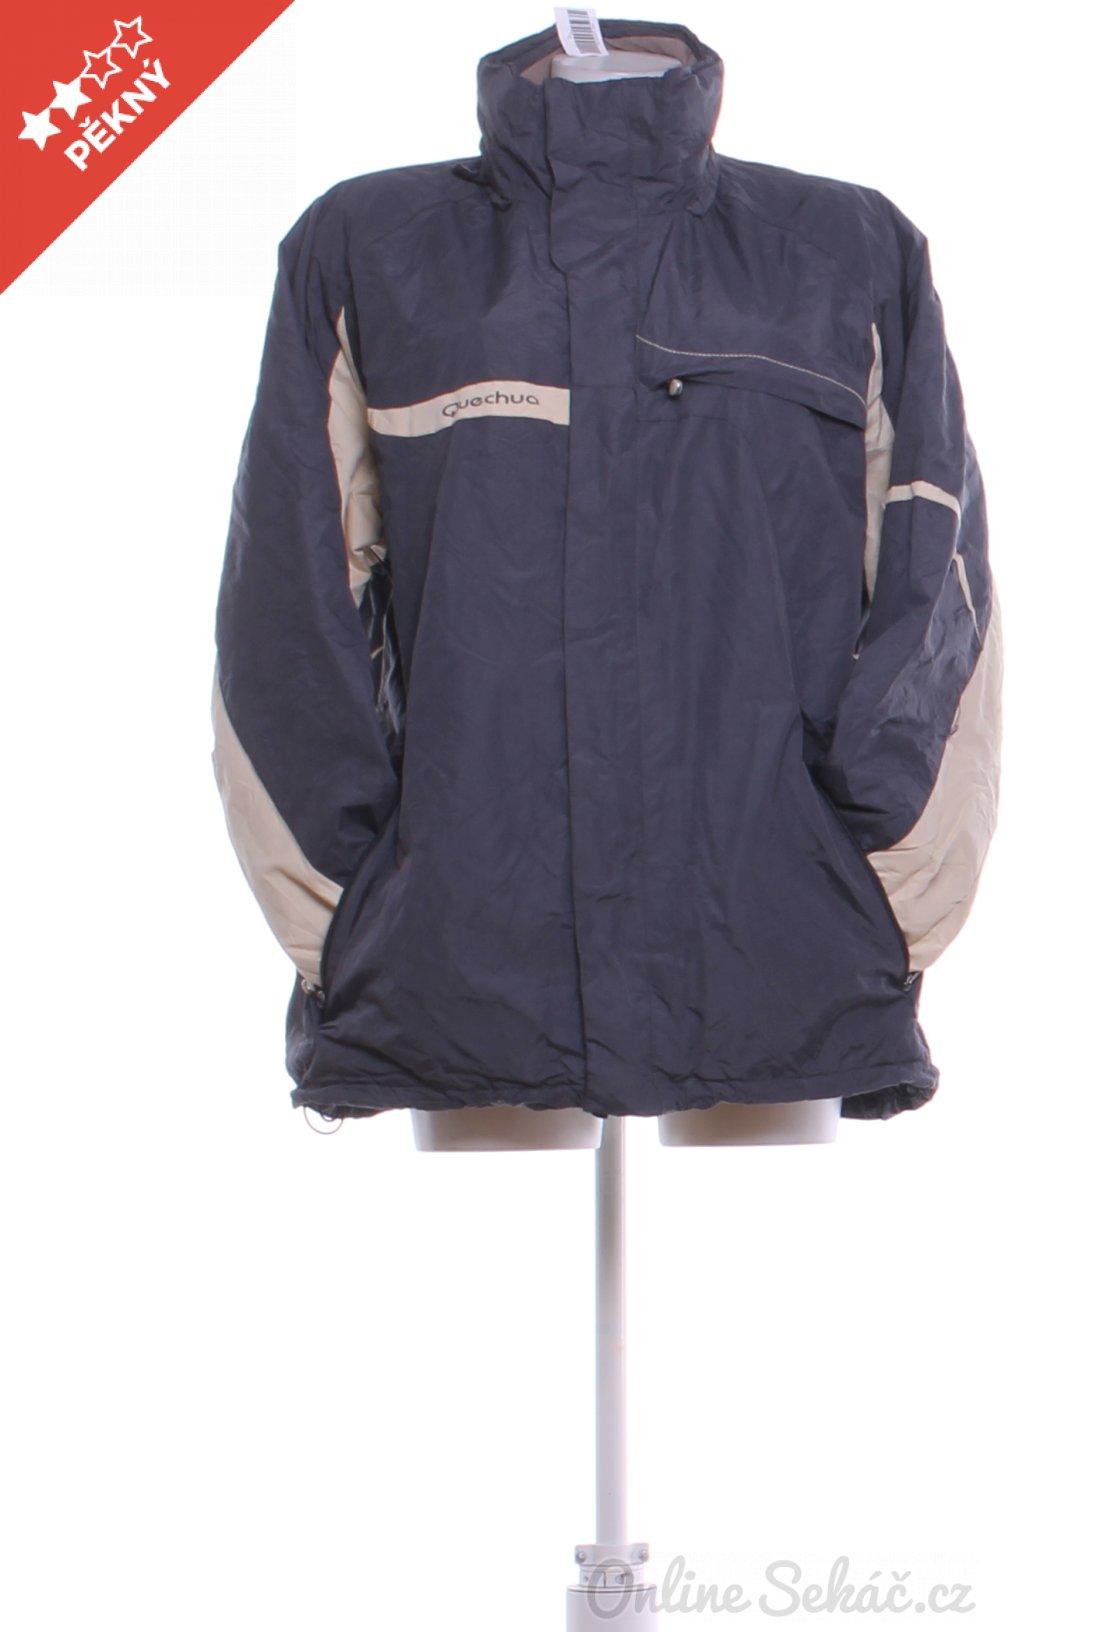 9f8fdb78173 Pánská zimní bunda DECATHLON L